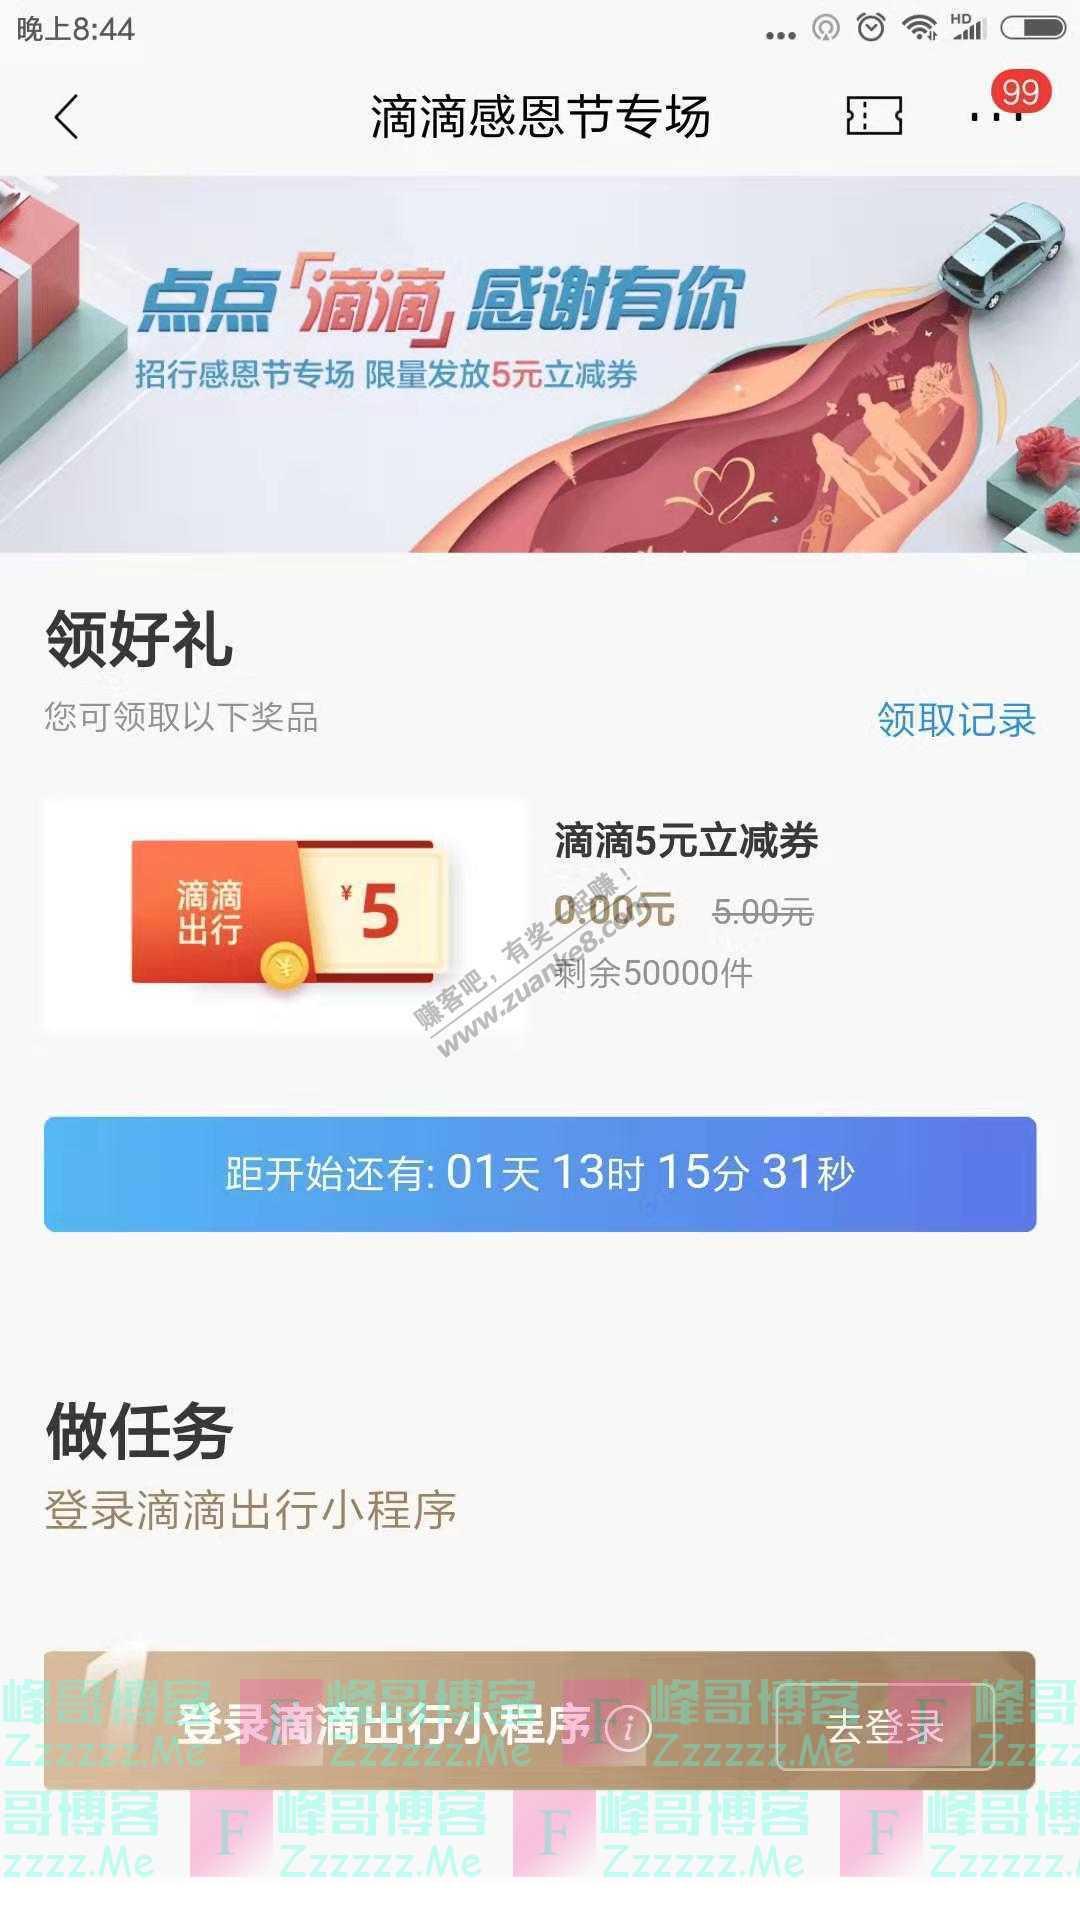 招商银行app滴滴感恩节专场(截止11月26日)